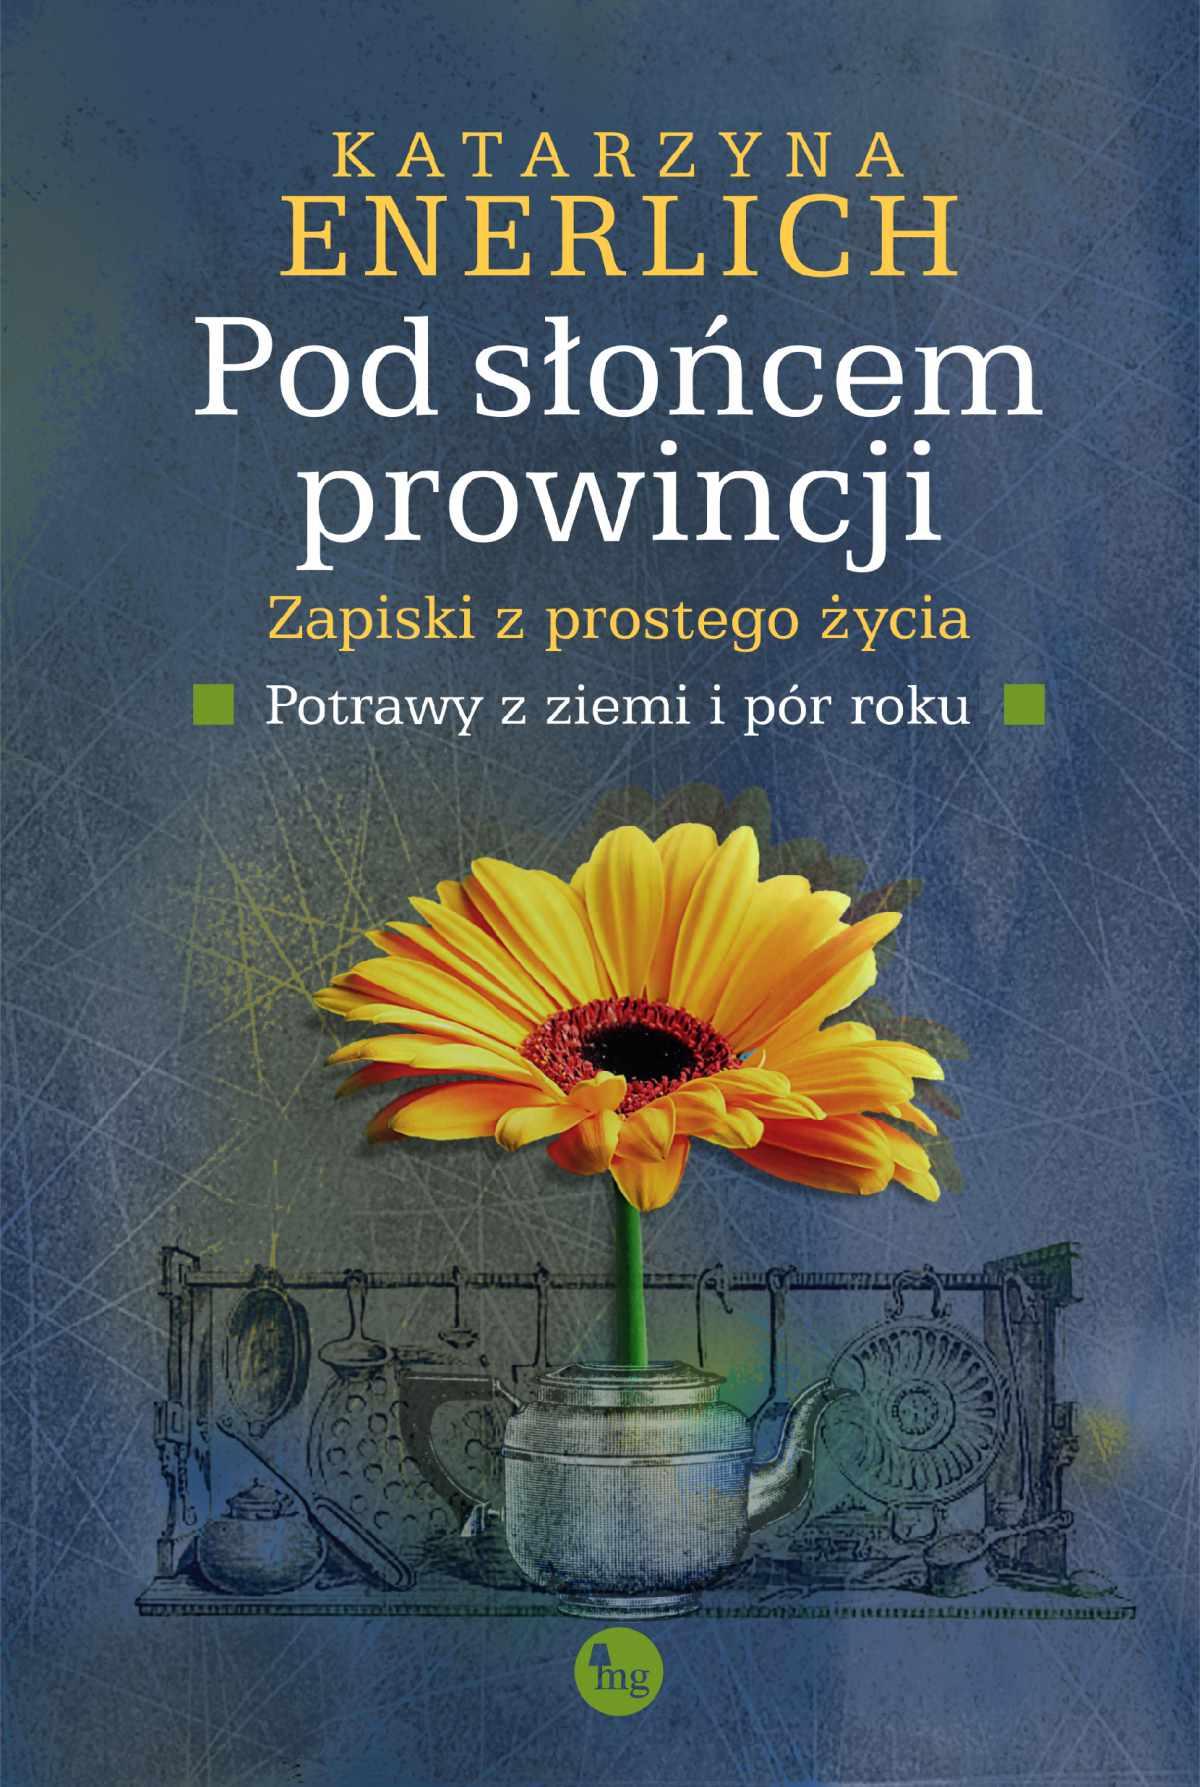 Pod słońcem prowincji. Zapiski z prostego życia. Potrawy z pór i ziemi - Ebook (Książka EPUB) do pobrania w formacie EPUB